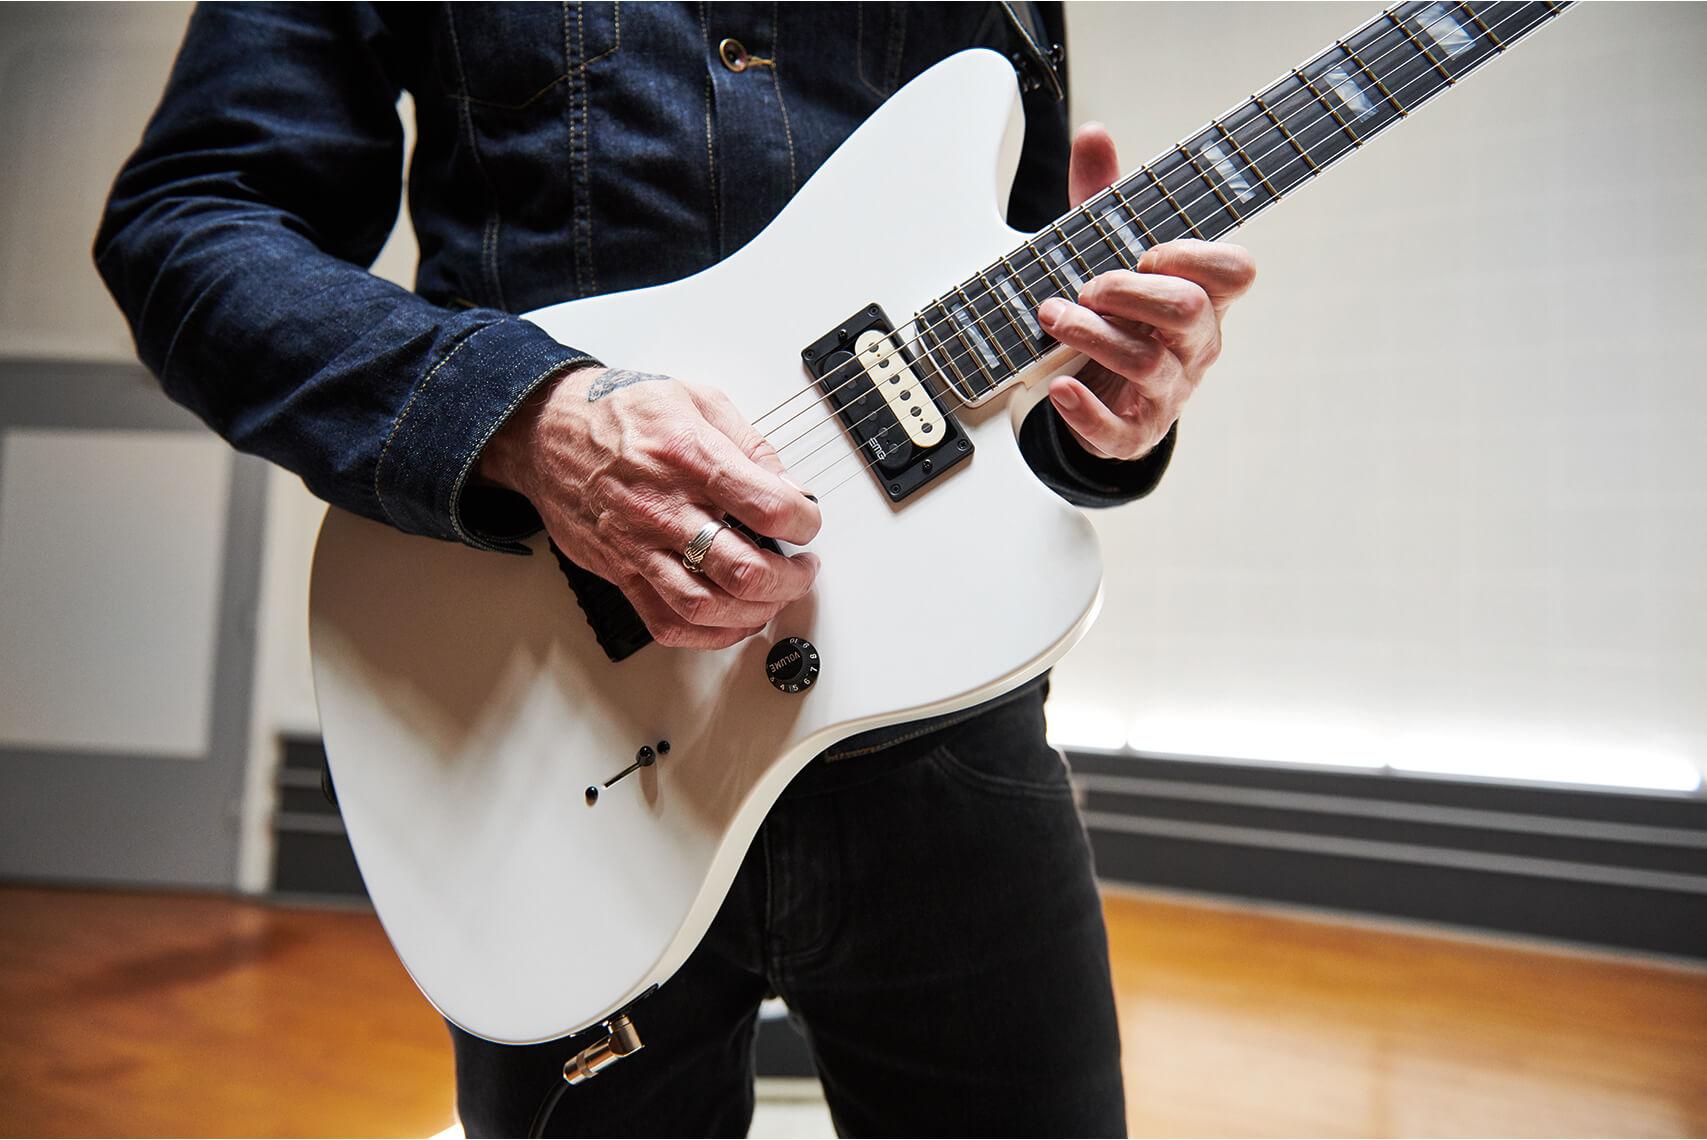 Jim Root's Jazzmaster Body